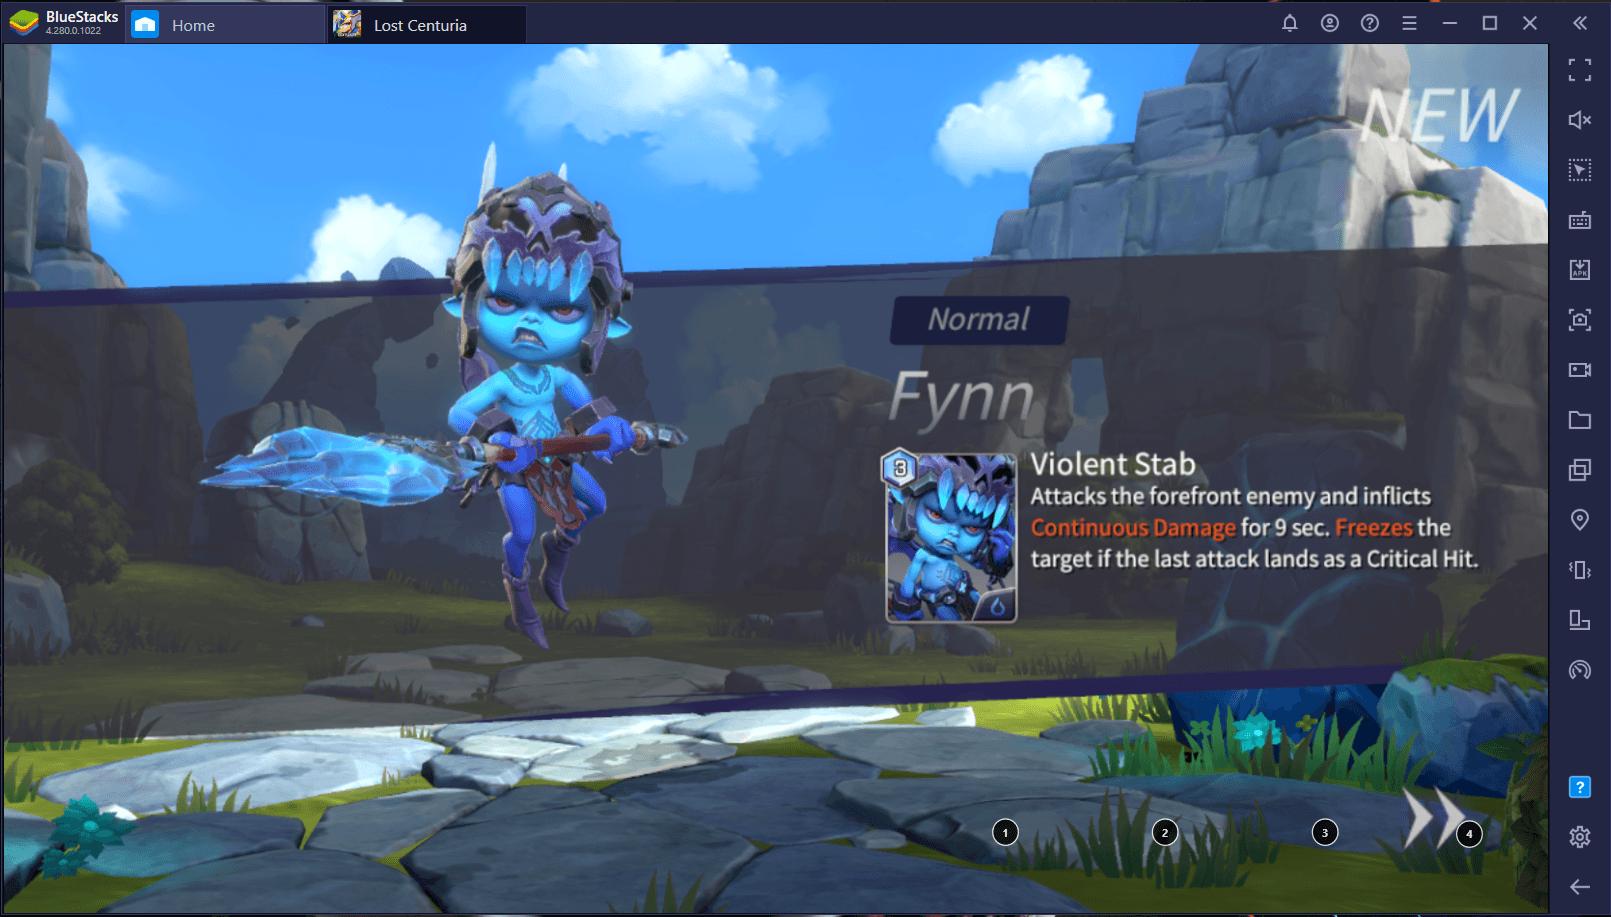 Cara Bermain Summoners War: Lost Centuria di PC Menggunakan BlueStacks!